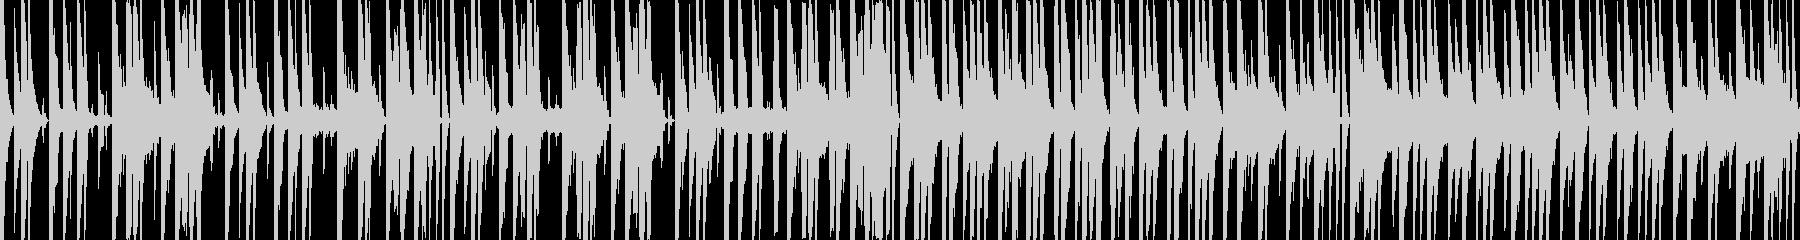 ふざけた感じの色々な音色を使ったBGMの未再生の波形